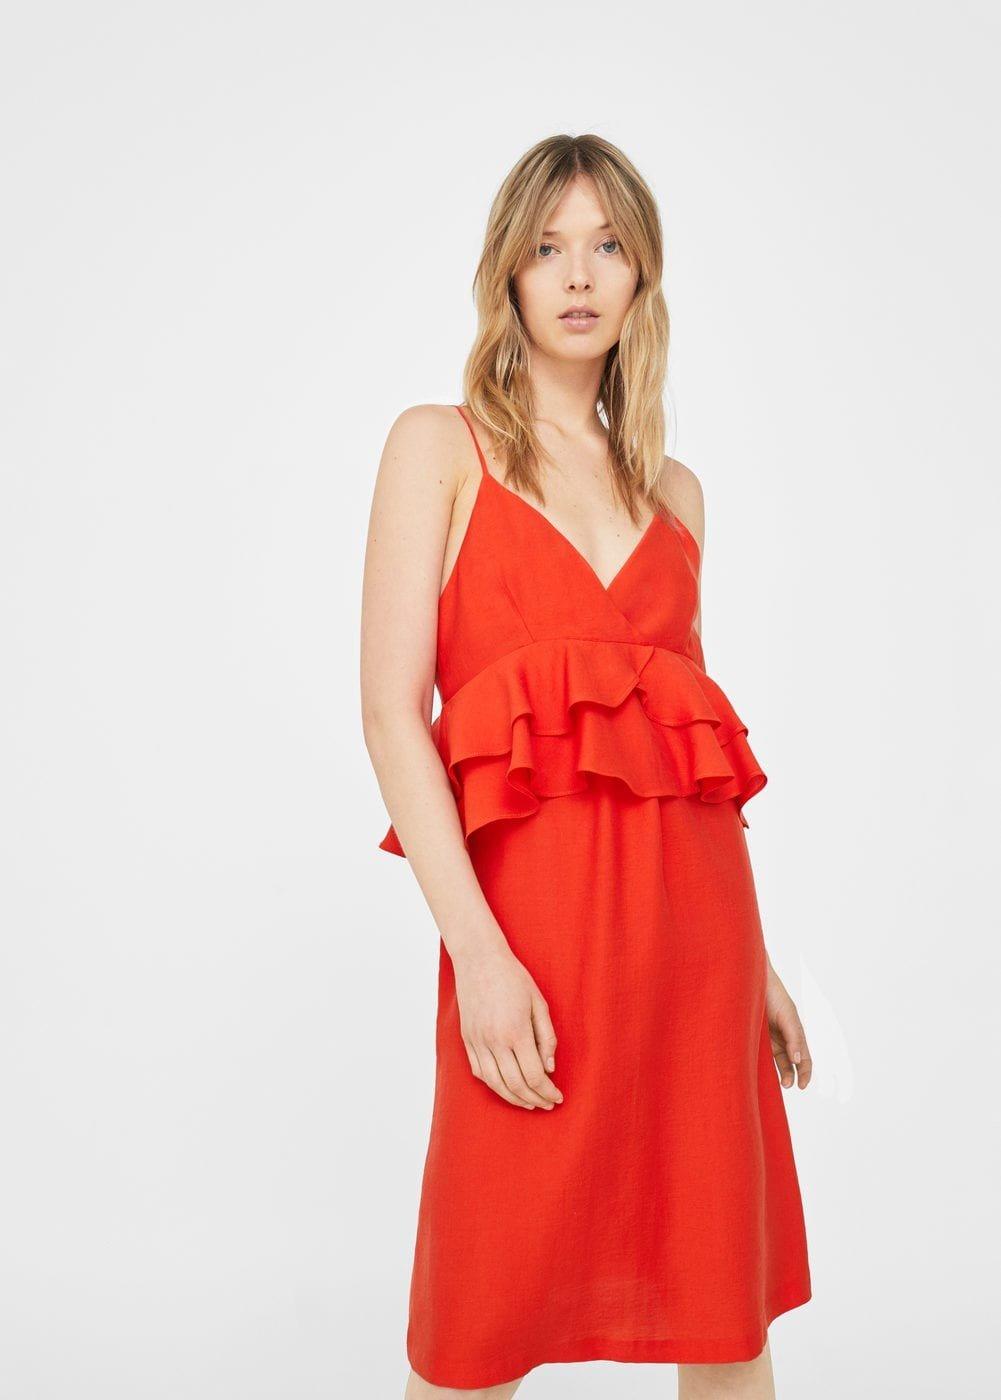 Модные платья на каждый день осень-зима 2019-2020